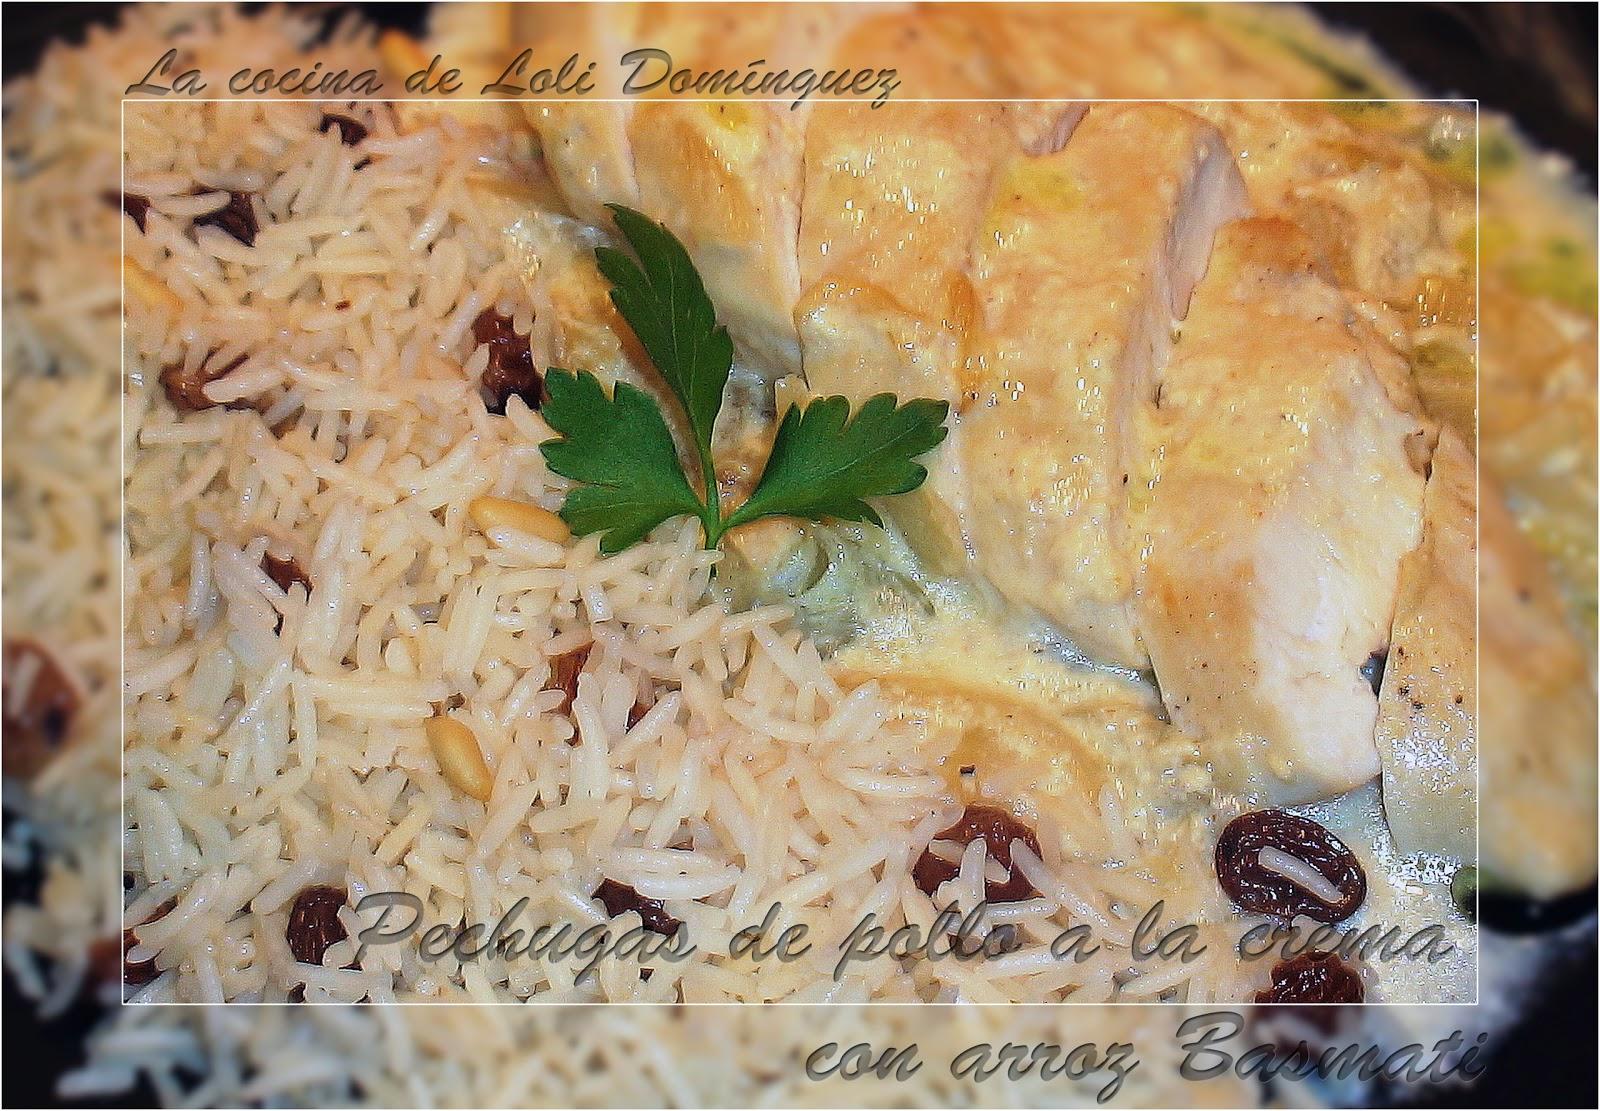 Pechugas de pollo a la cremacon arroz Basmati